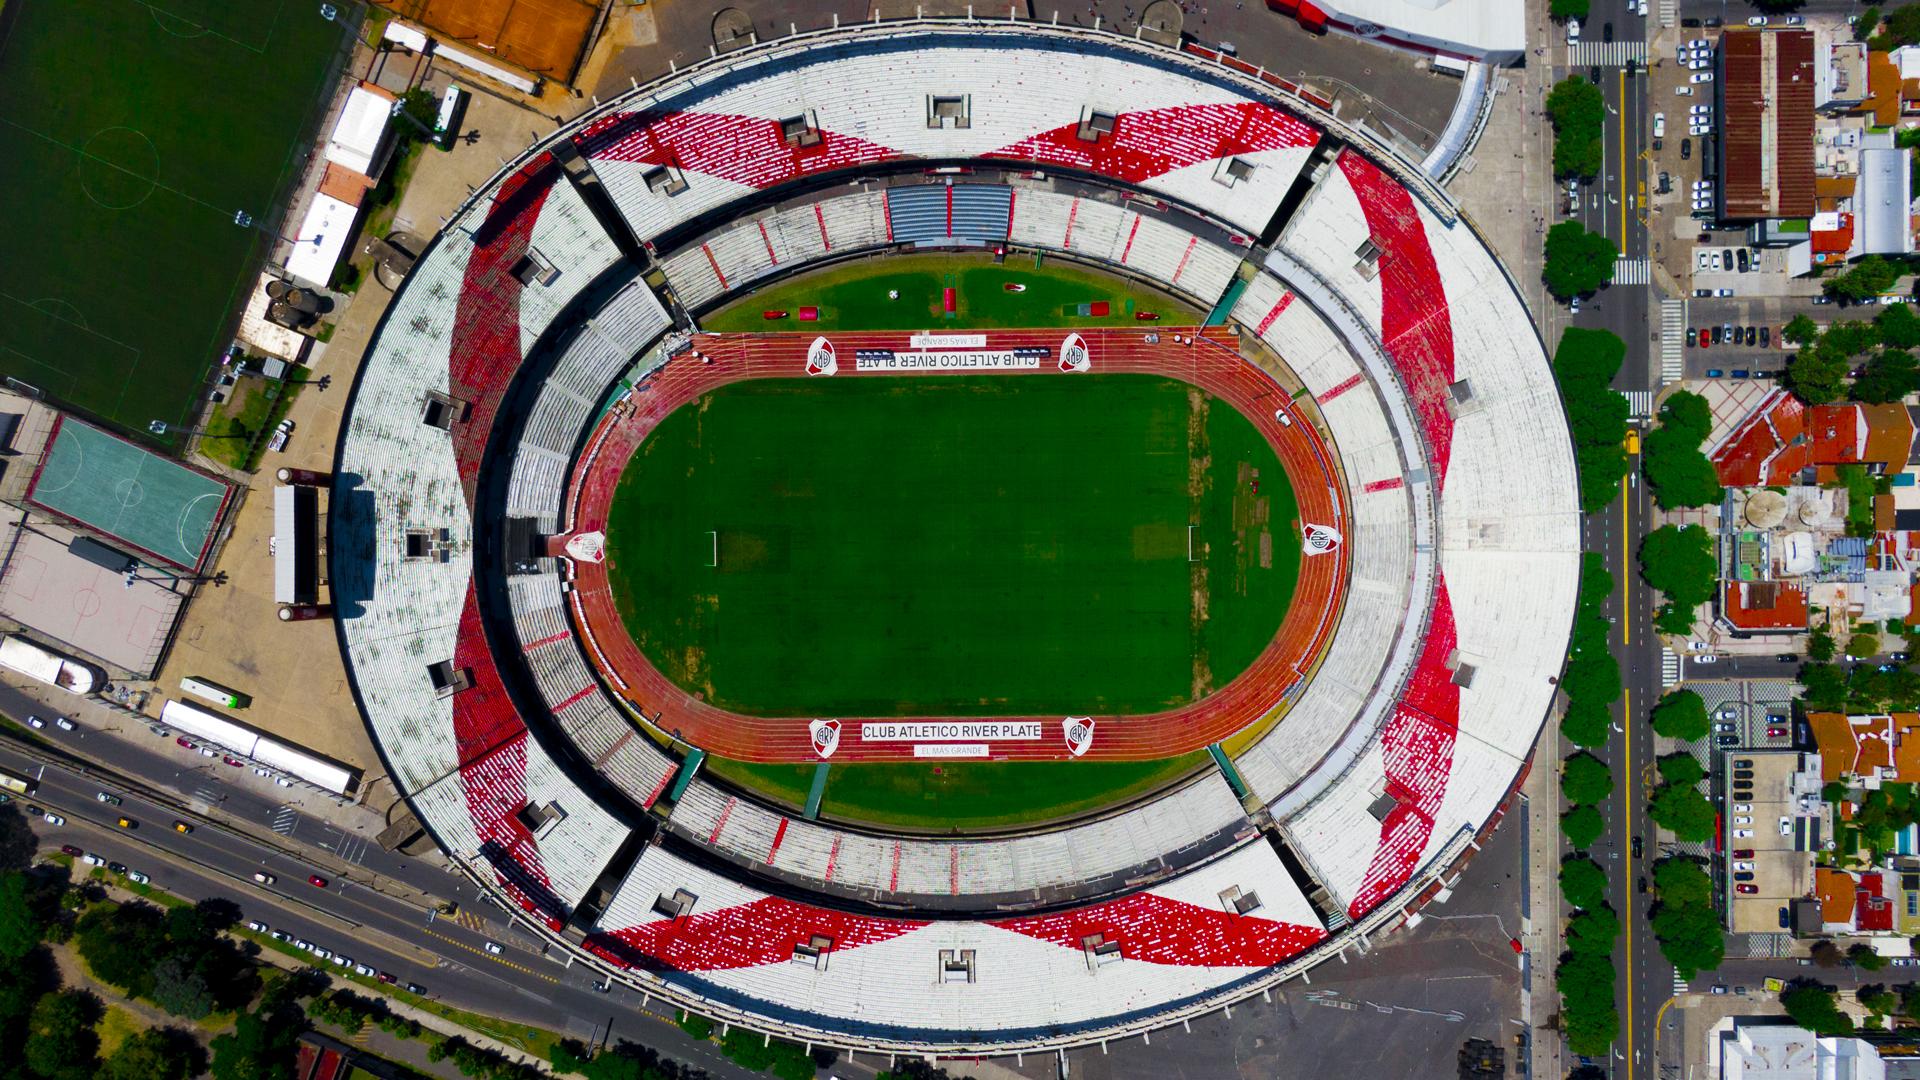 """""""El Monumental"""" de River Plate por Nicolás Vázquez (actor): """"Al Monumental habría que cambiarle el nombre y ponerle Gallardo. Ver salir al equipo principal de River desde adentro de la cancha es una locura. La energía del Monumental es impresionante. Soy un fanático, para mí River es muy importante""""."""